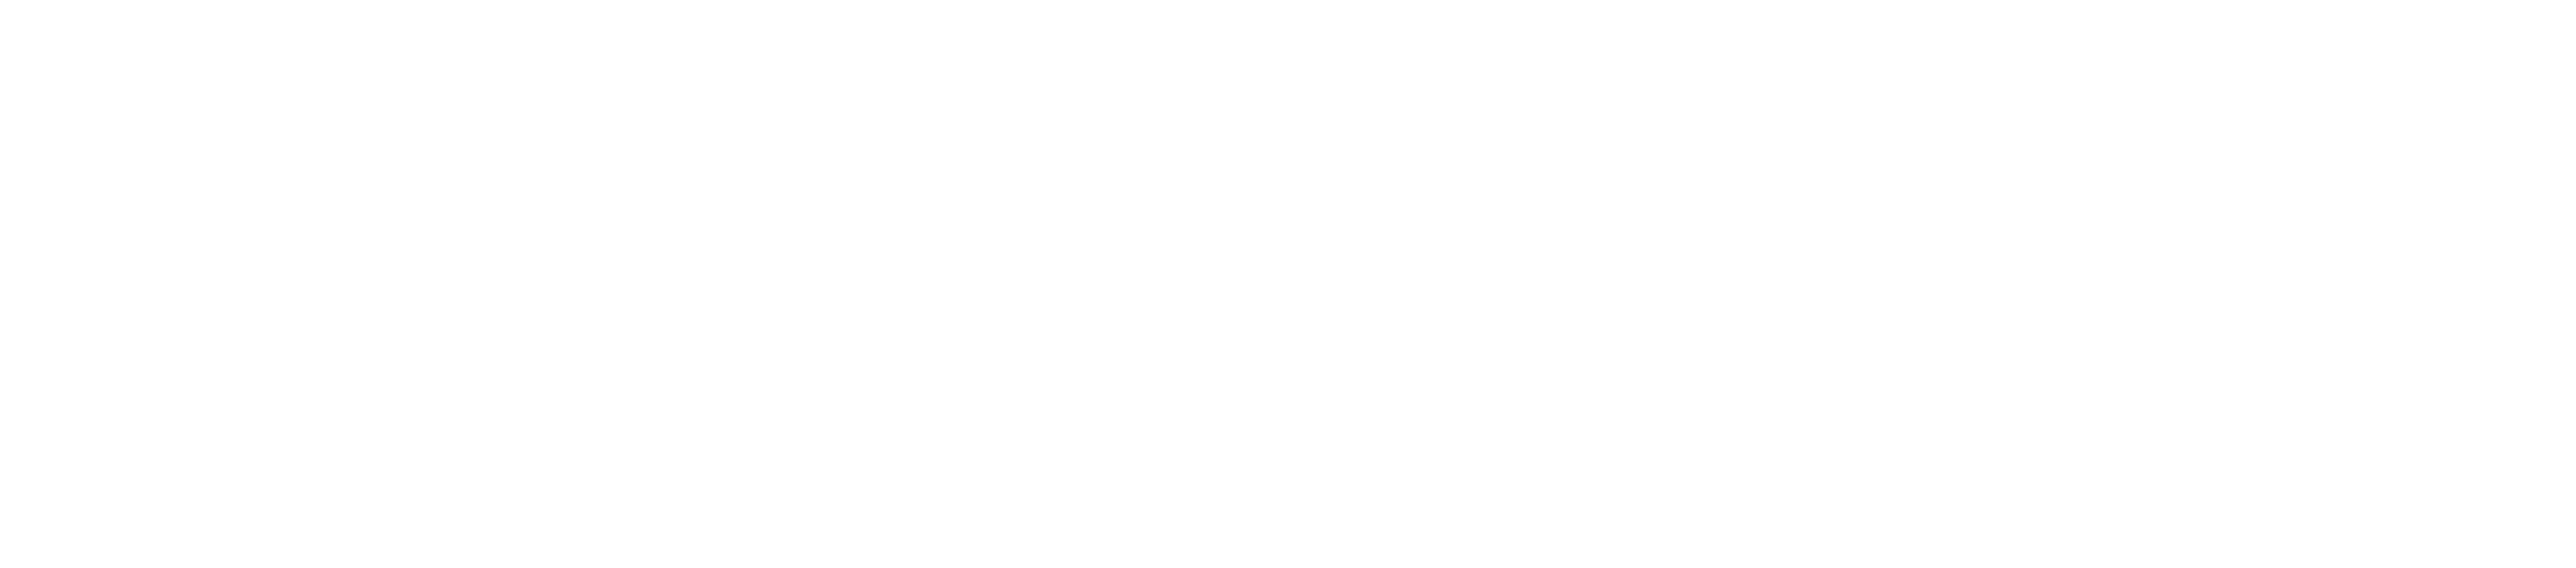 MDDC Footer Logo